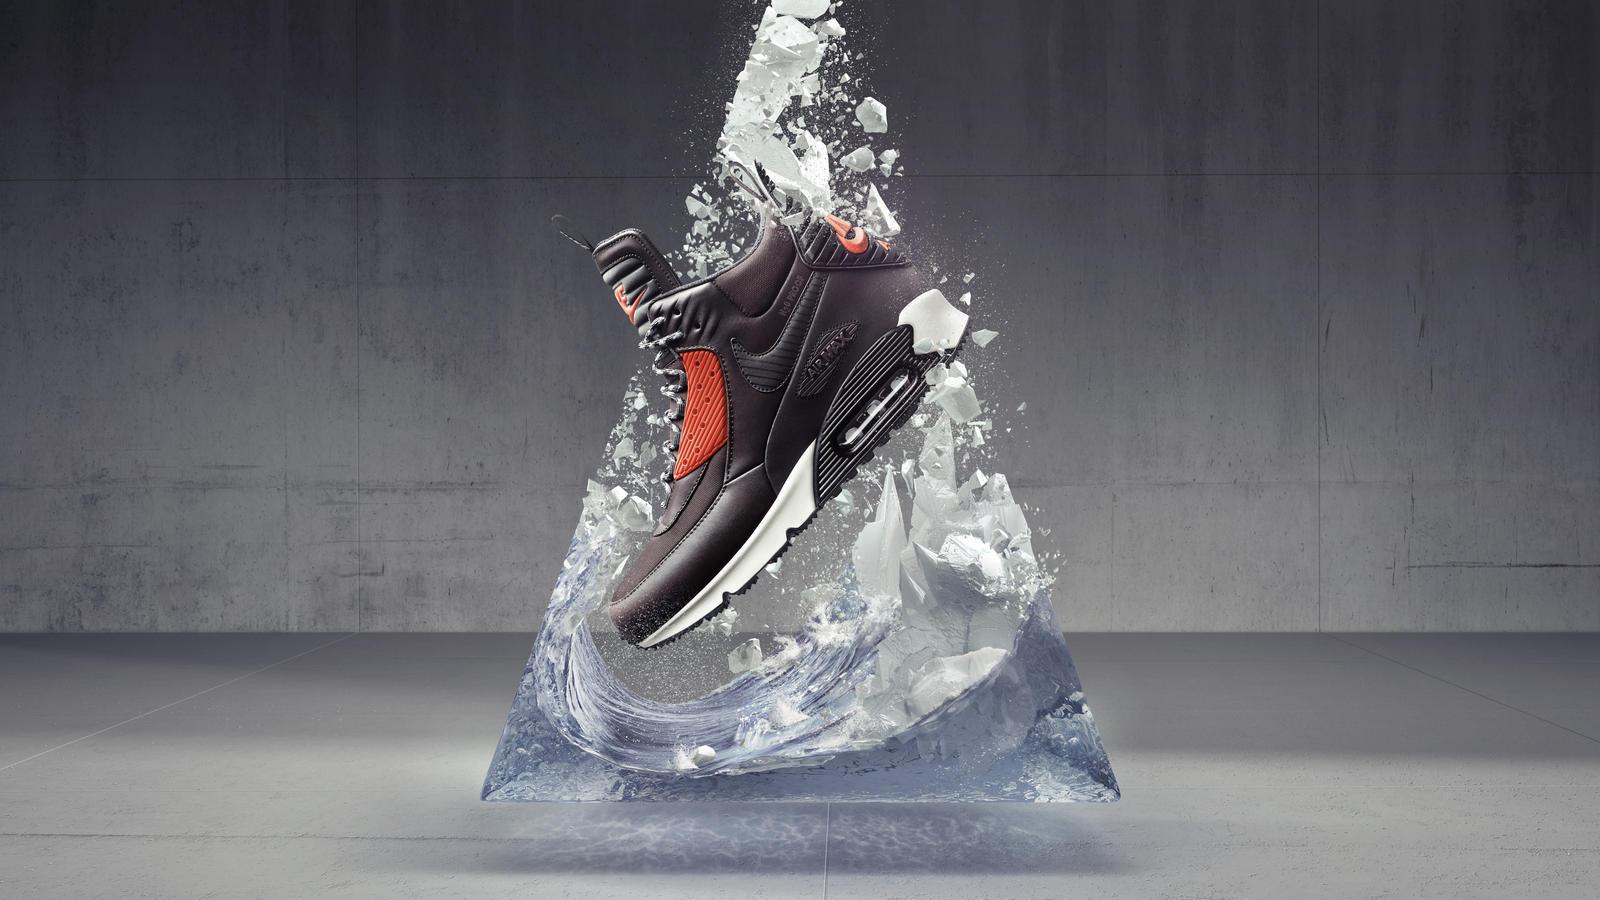 Nike Air Max 90 Sneakerboot Winterized Waterproof Retail